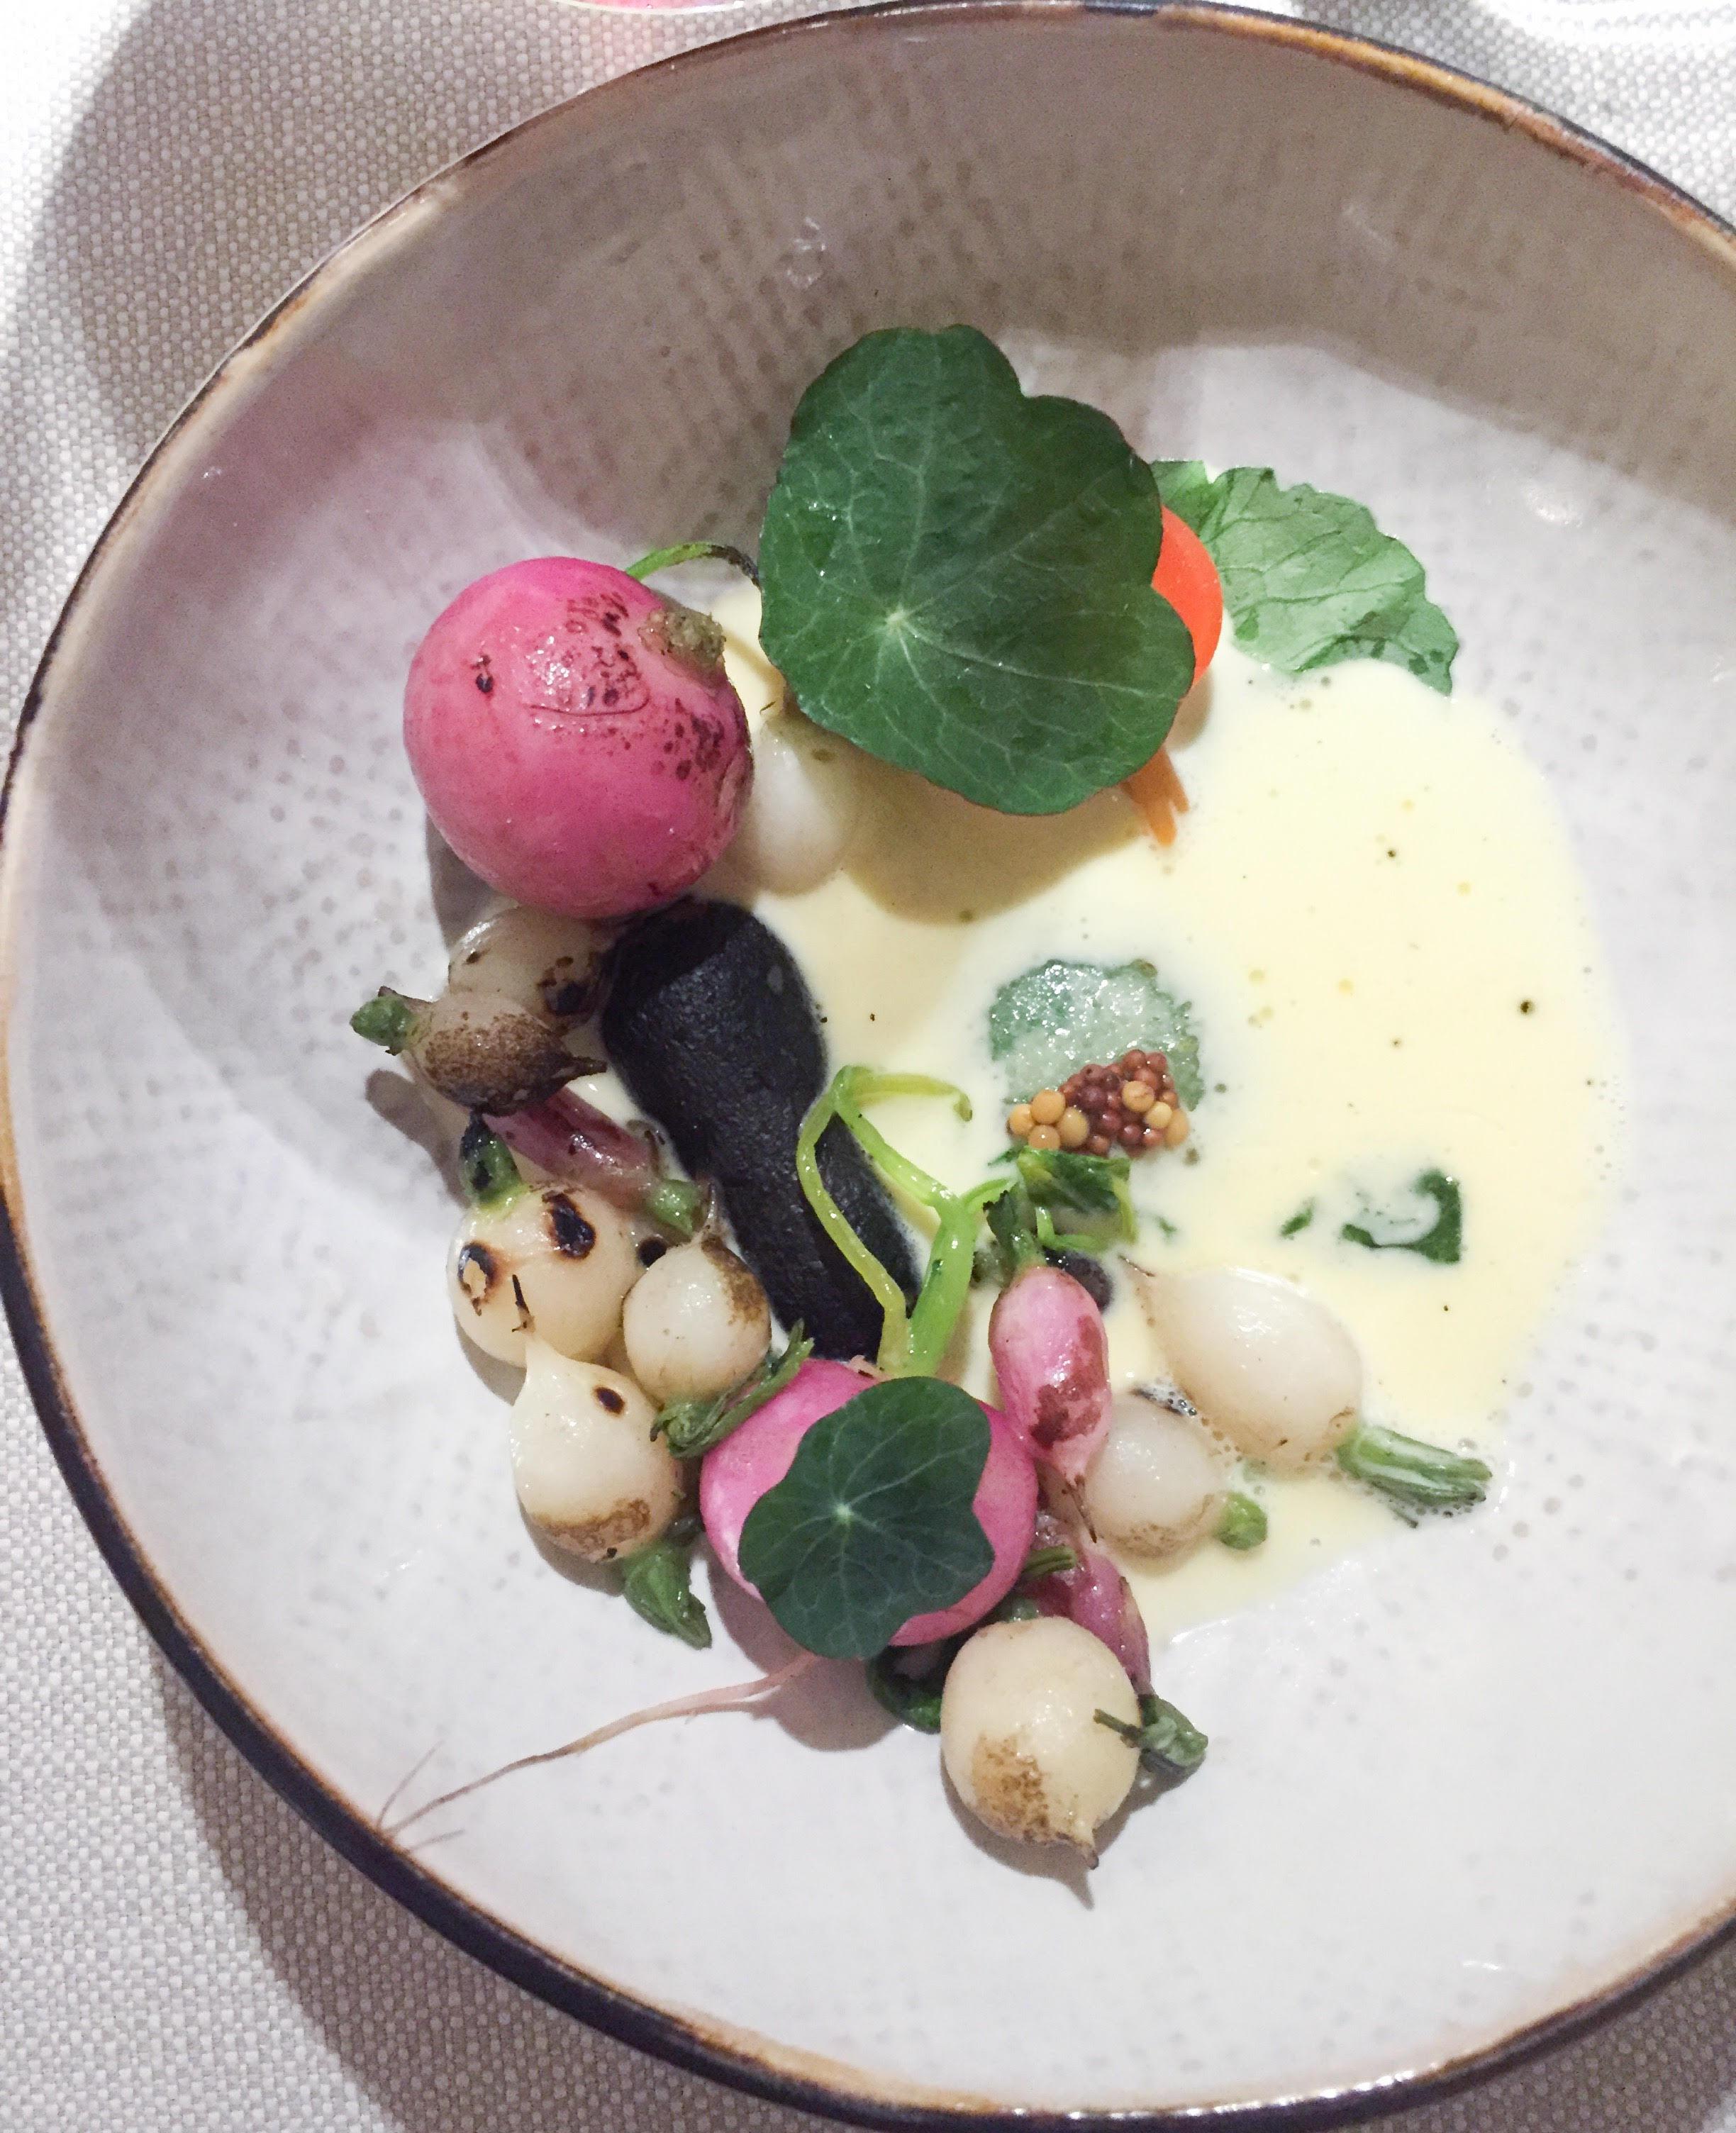 Helt vegetarisk gourmetrestaurant i København. Radiser på VEVE Østerbro